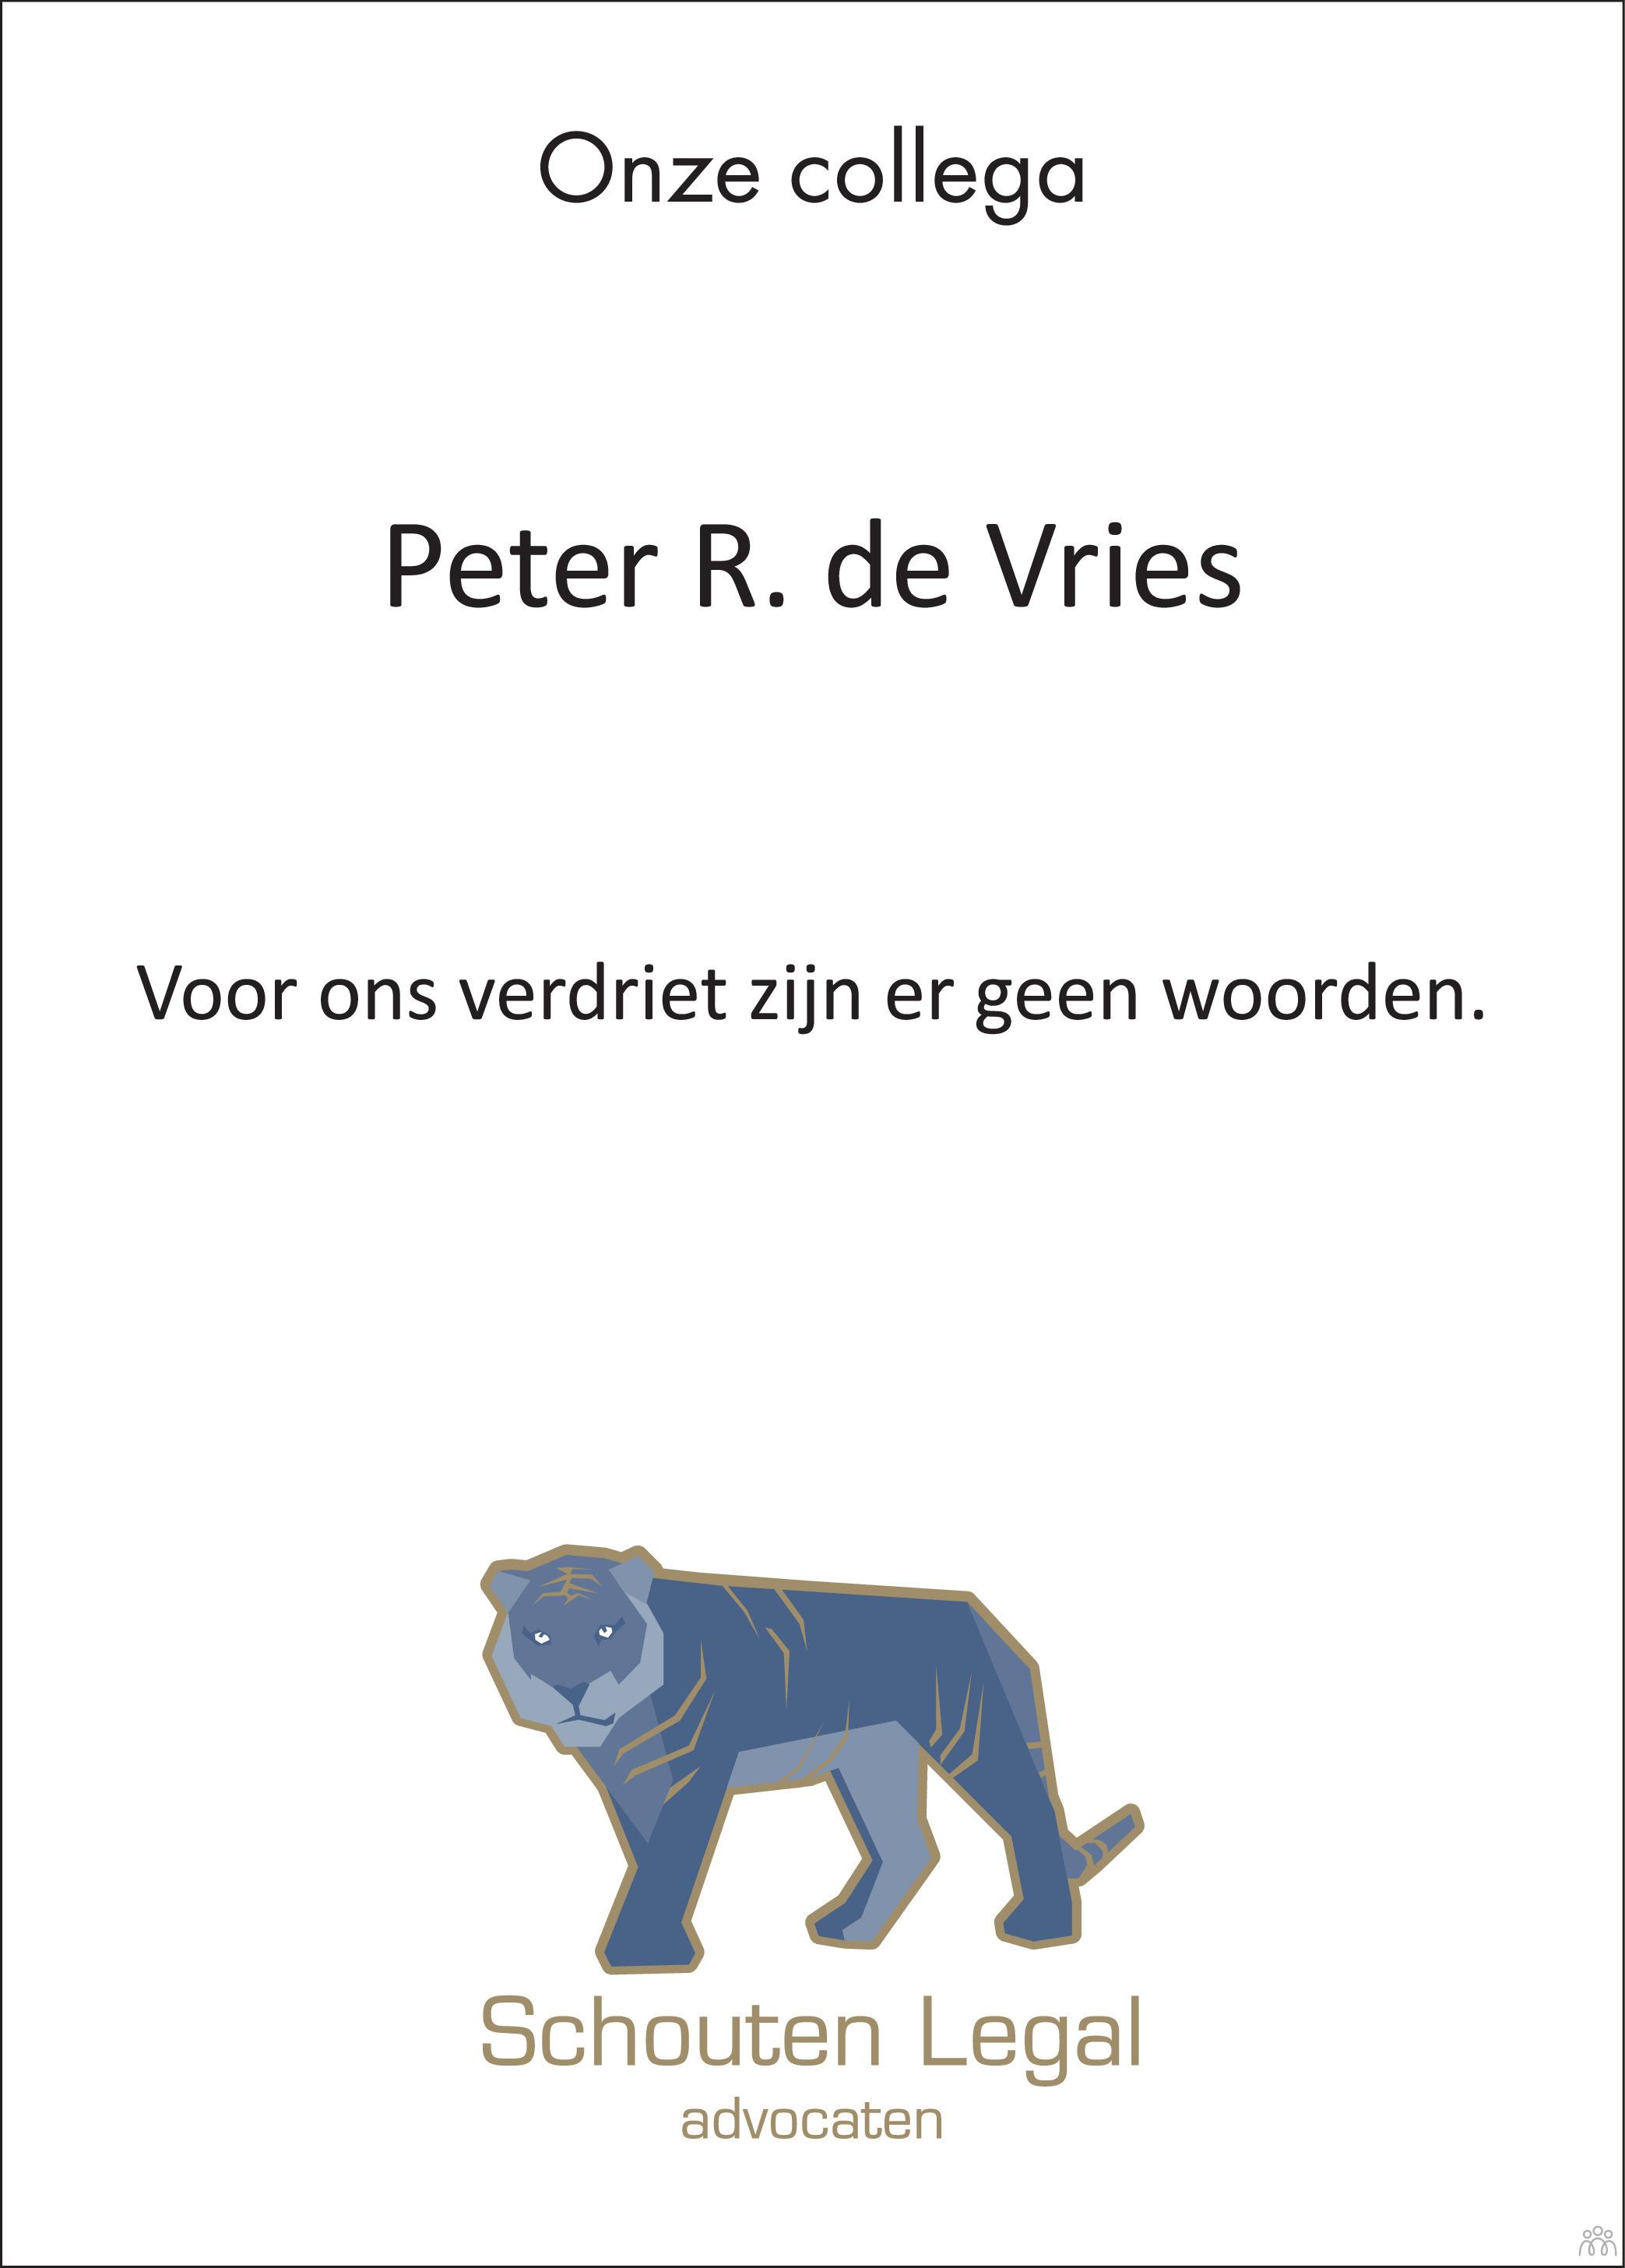 Overlijdensbericht van Peter R. de Vries in BN DeStem